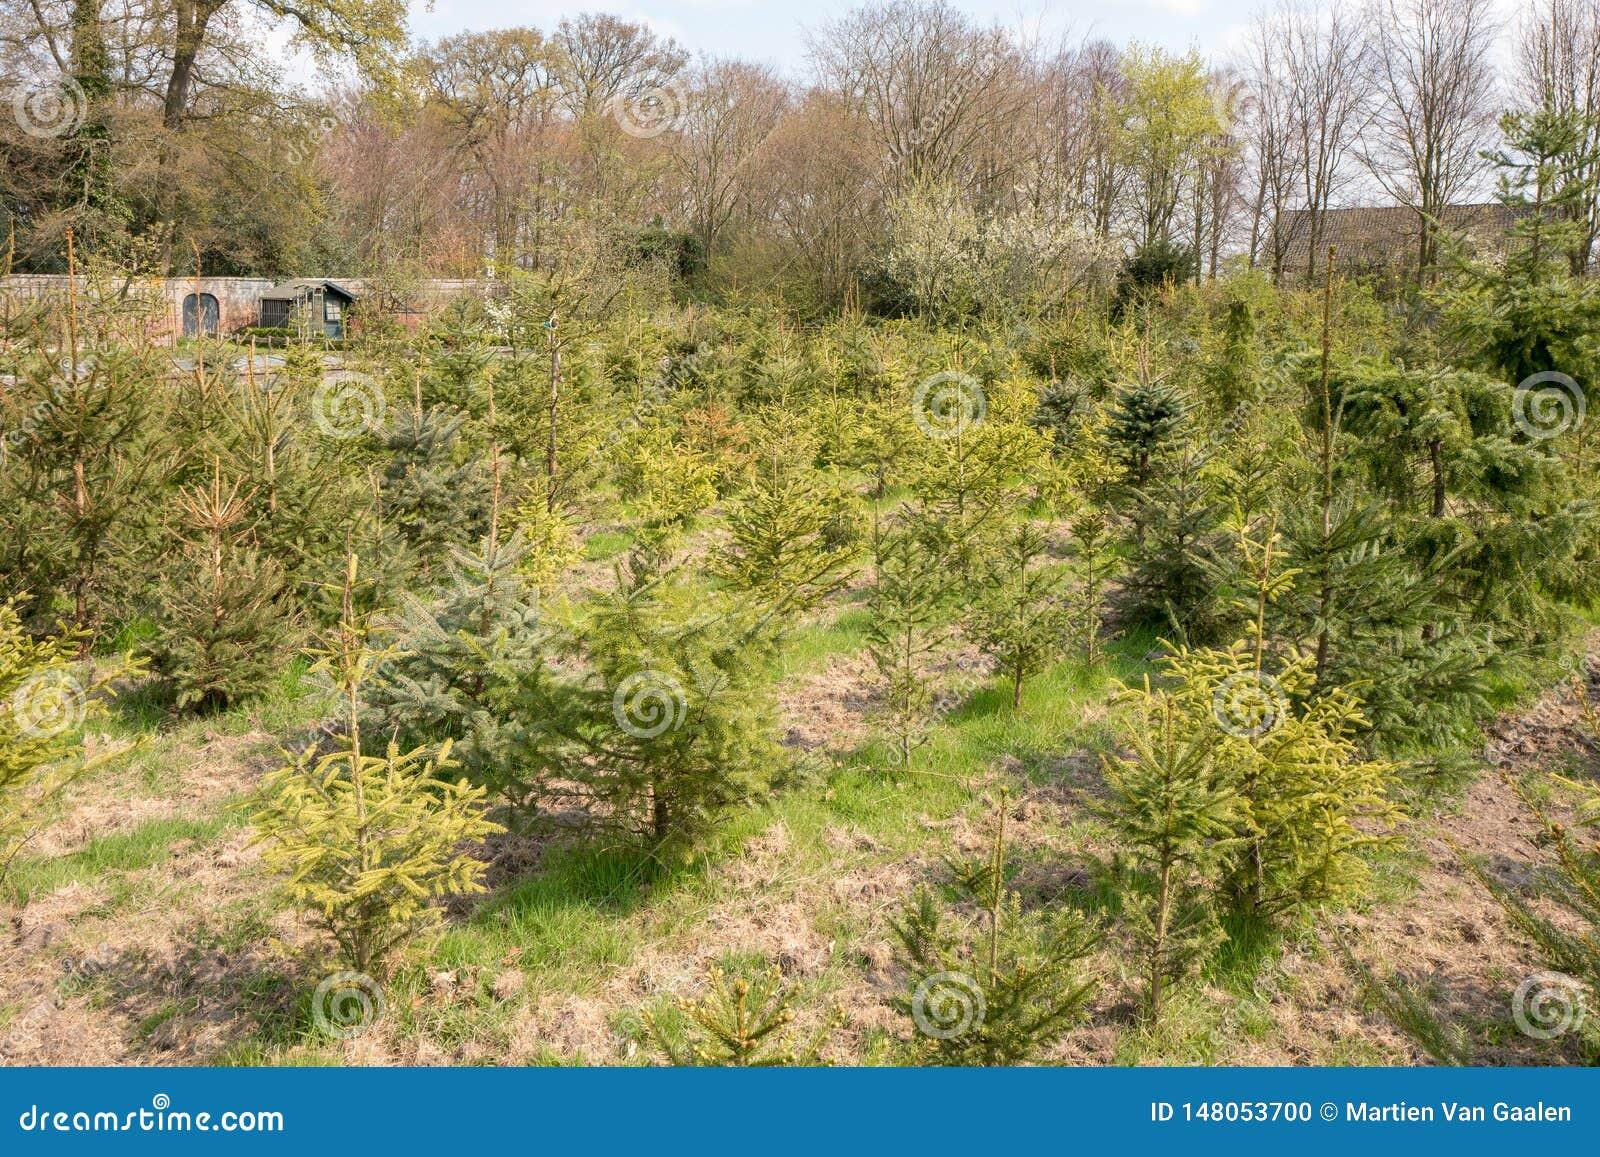 Arbres de Noël retournés ou réutilisation des arbres de Noël aux Pays-Bas